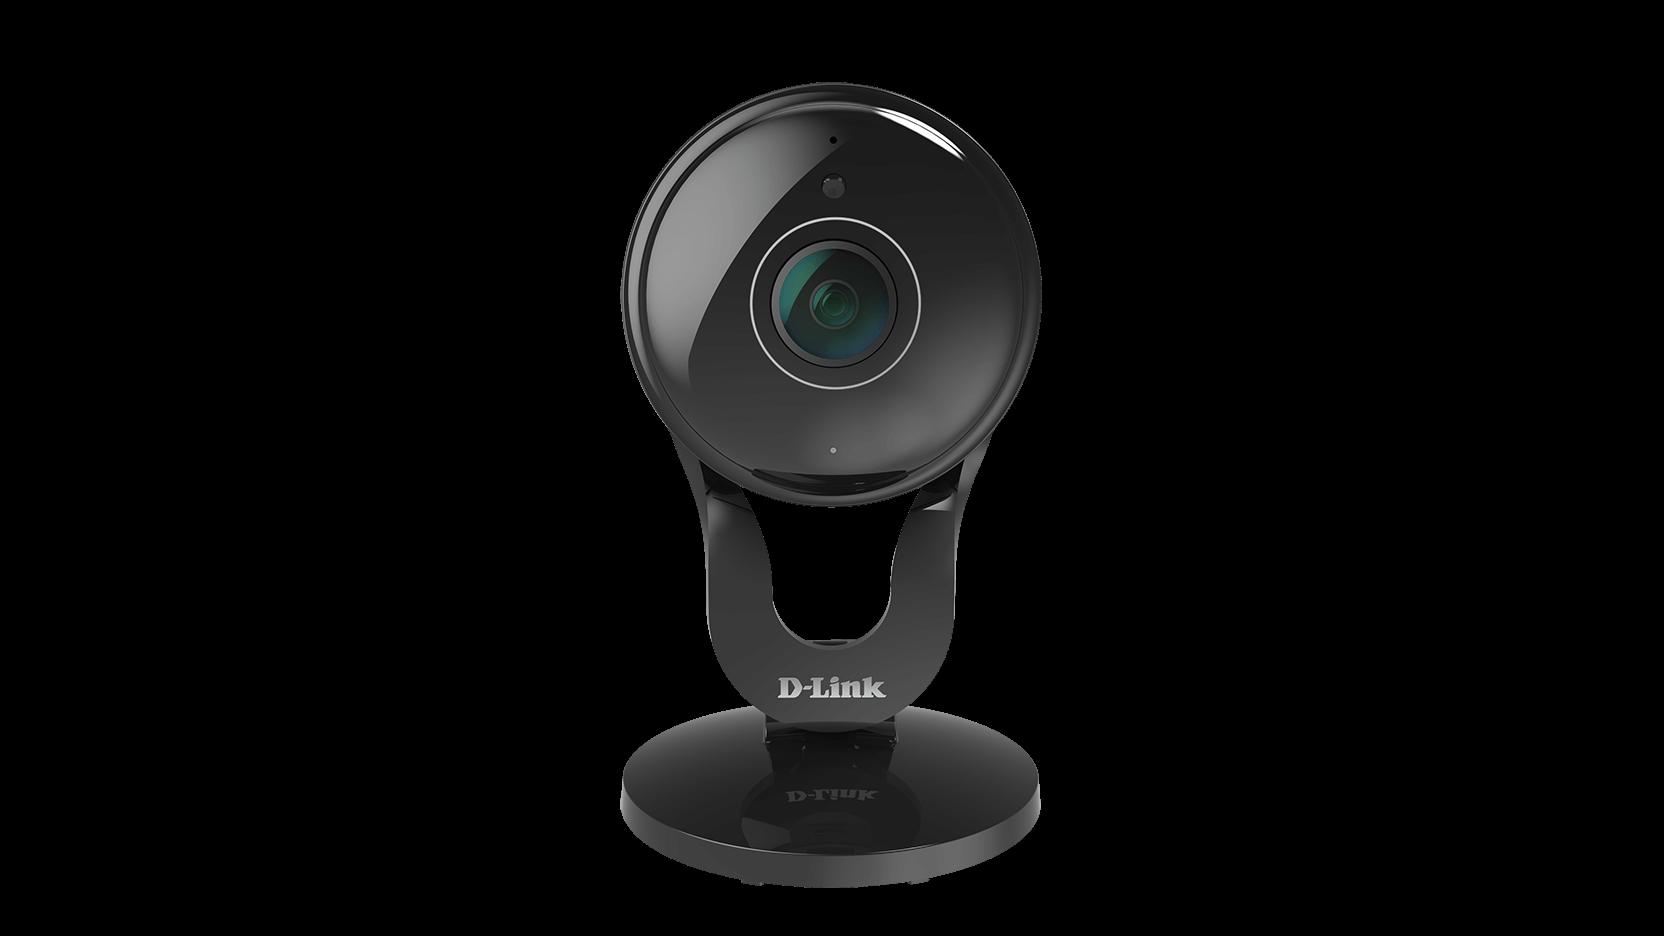 proteggere casa ufficio 360 webcam DCS 2530L - Proteggi la casa o l'ufficio con la DCS-2530L, lavideocamera Wide Eye 180° Full HD di D-Link